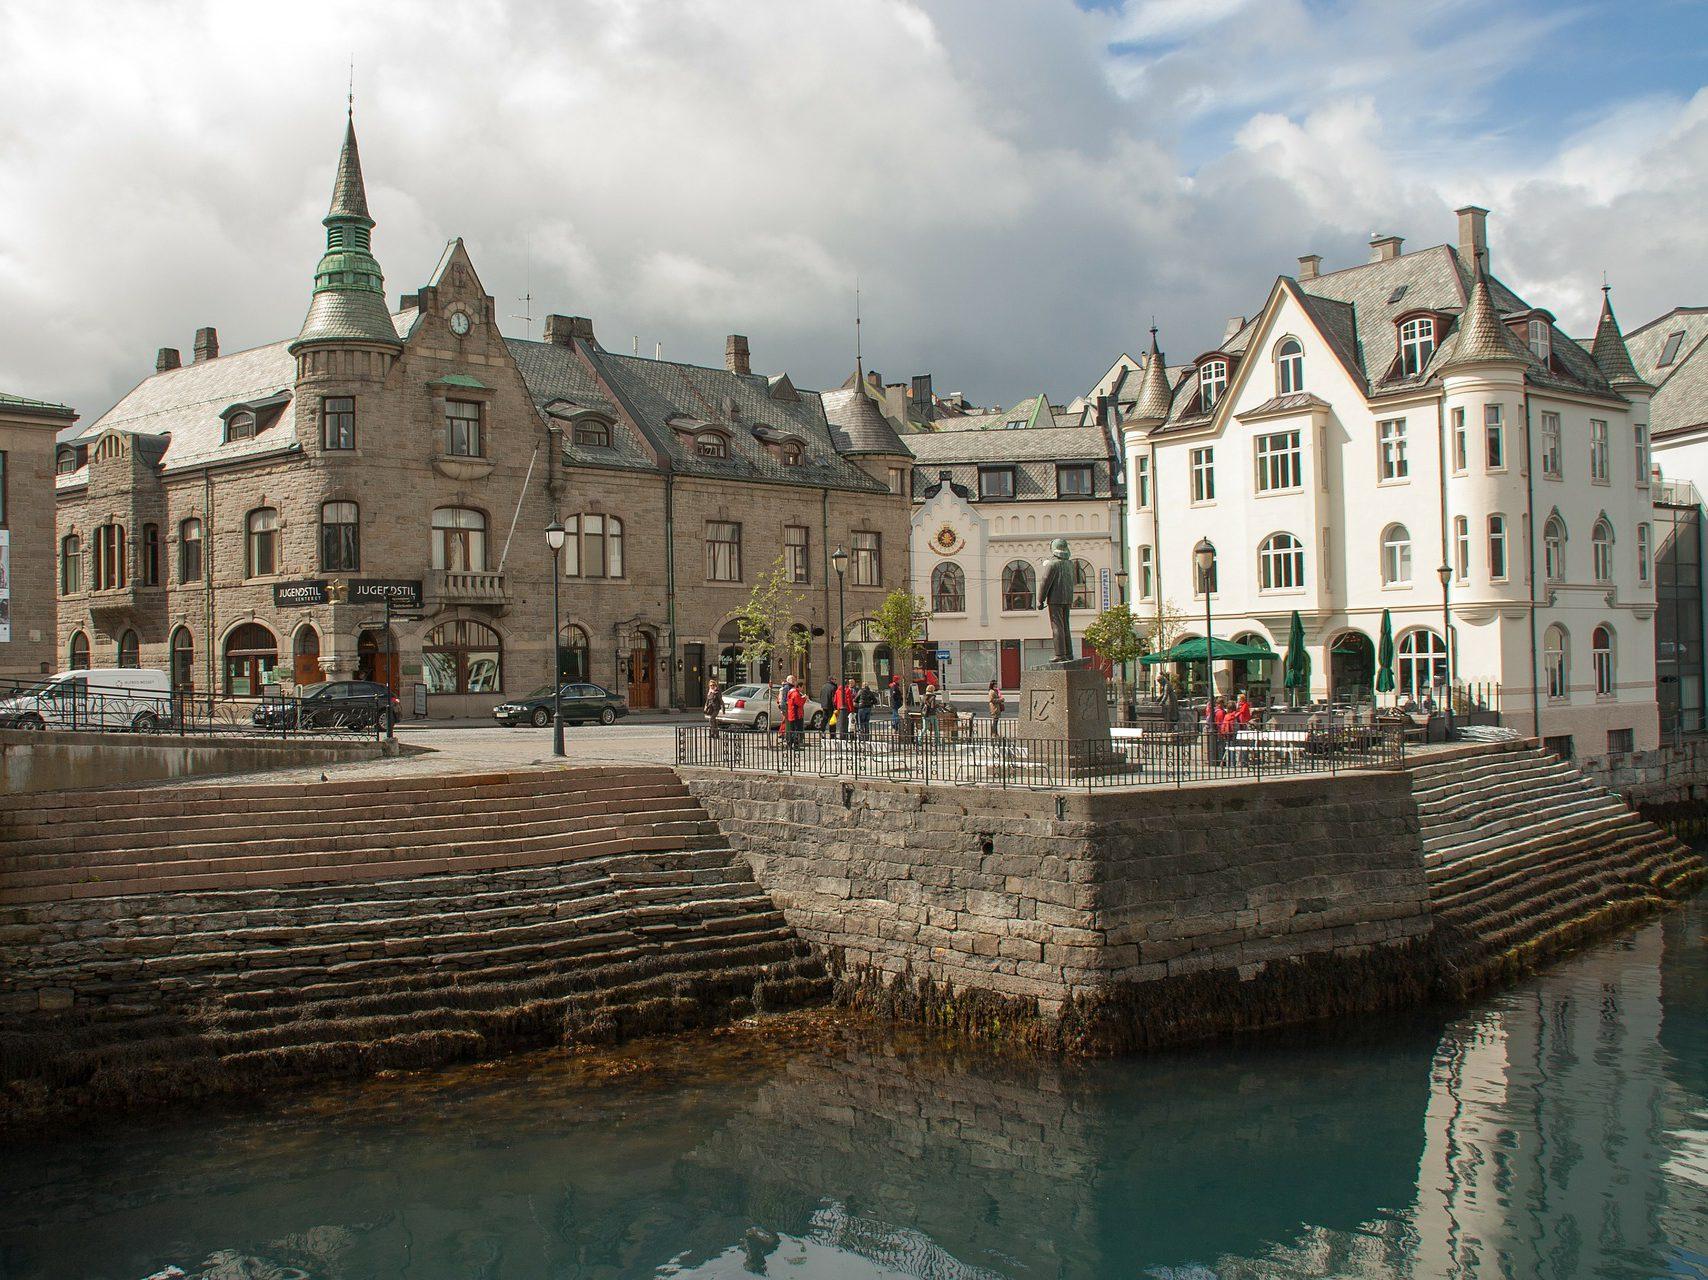 een stad aan de haven in noord europa